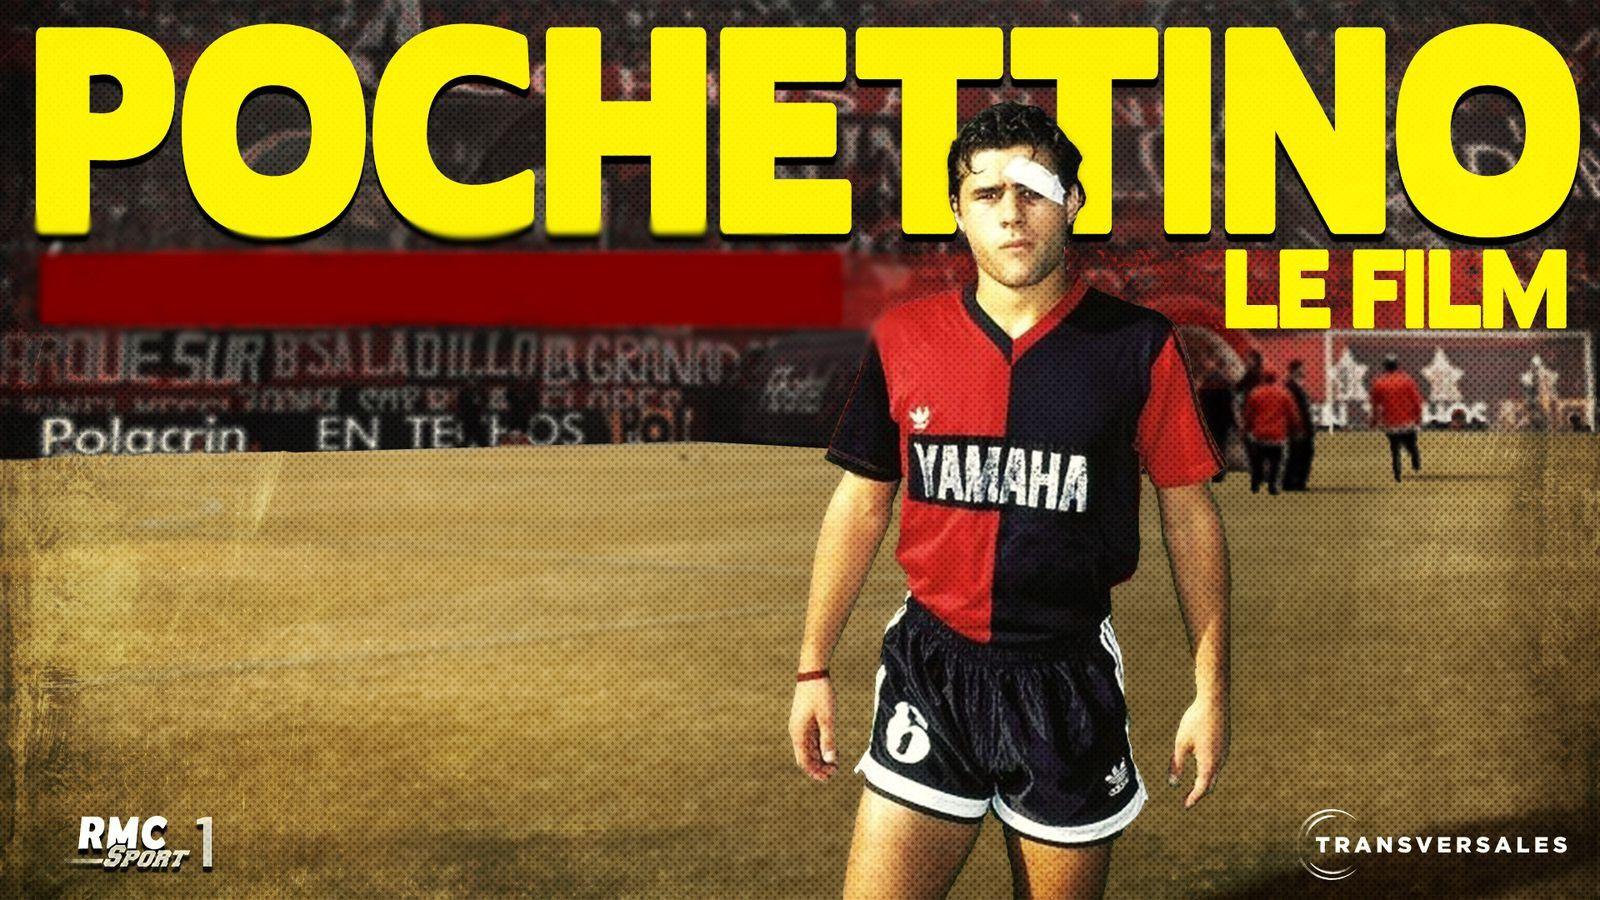 Pochettino, le film - Documentaire (2021)